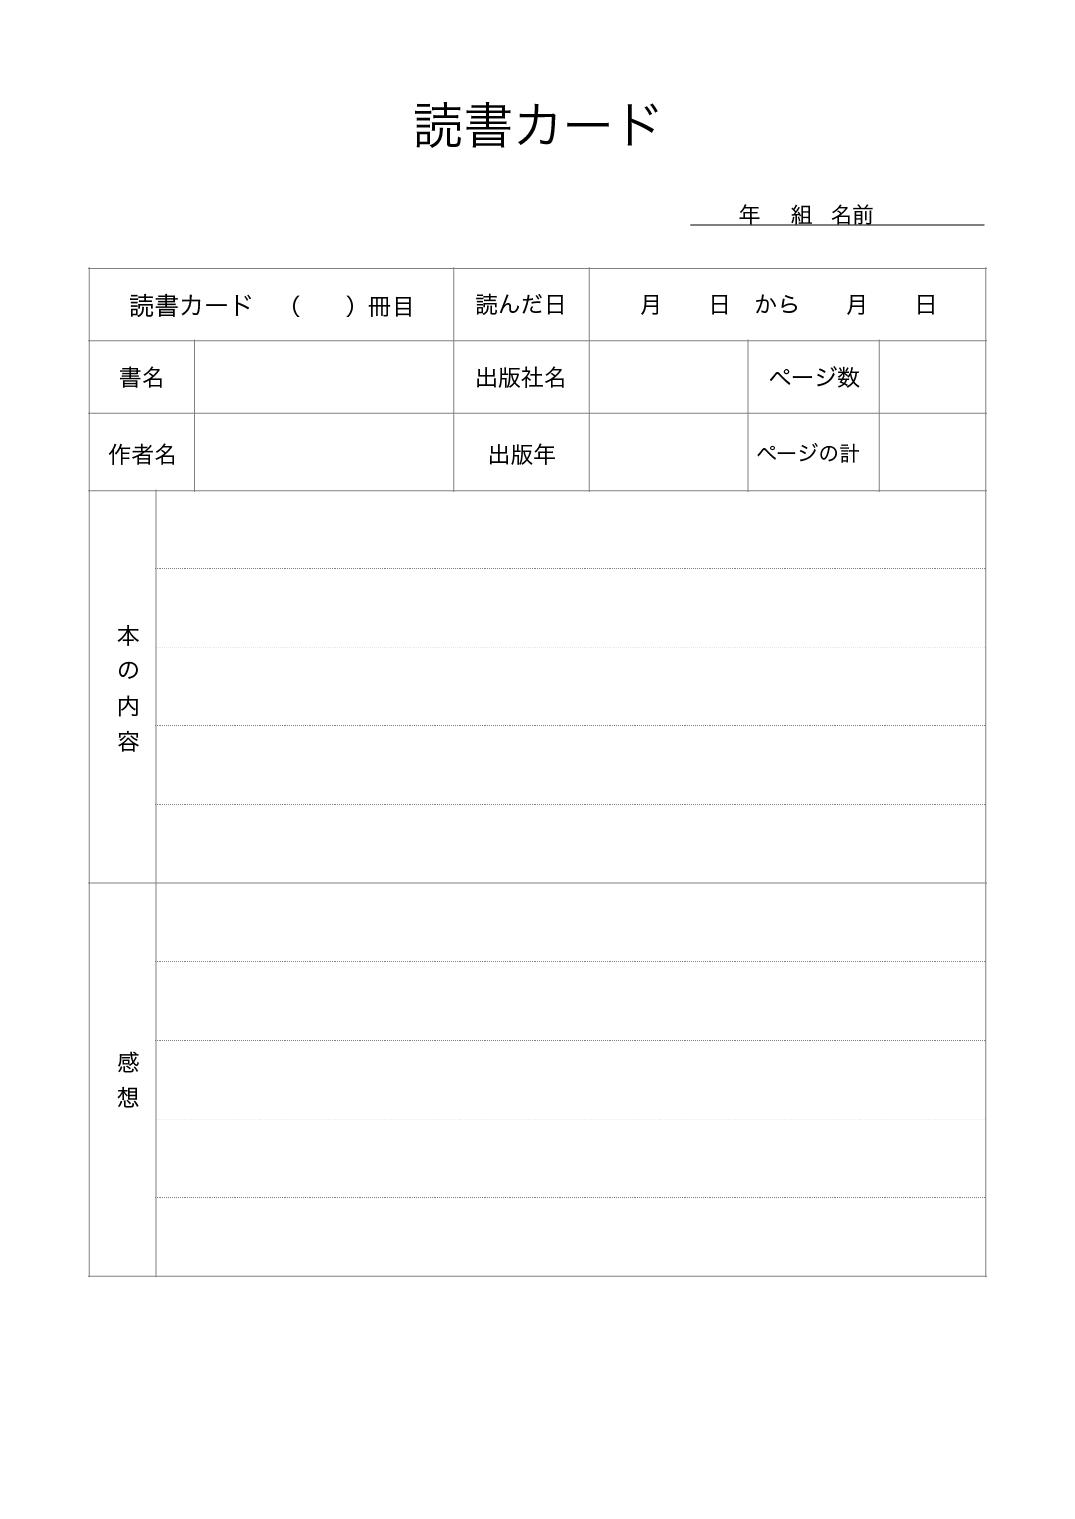 読書カード テンプレート_読書の質を高める(ワード・ページズ)